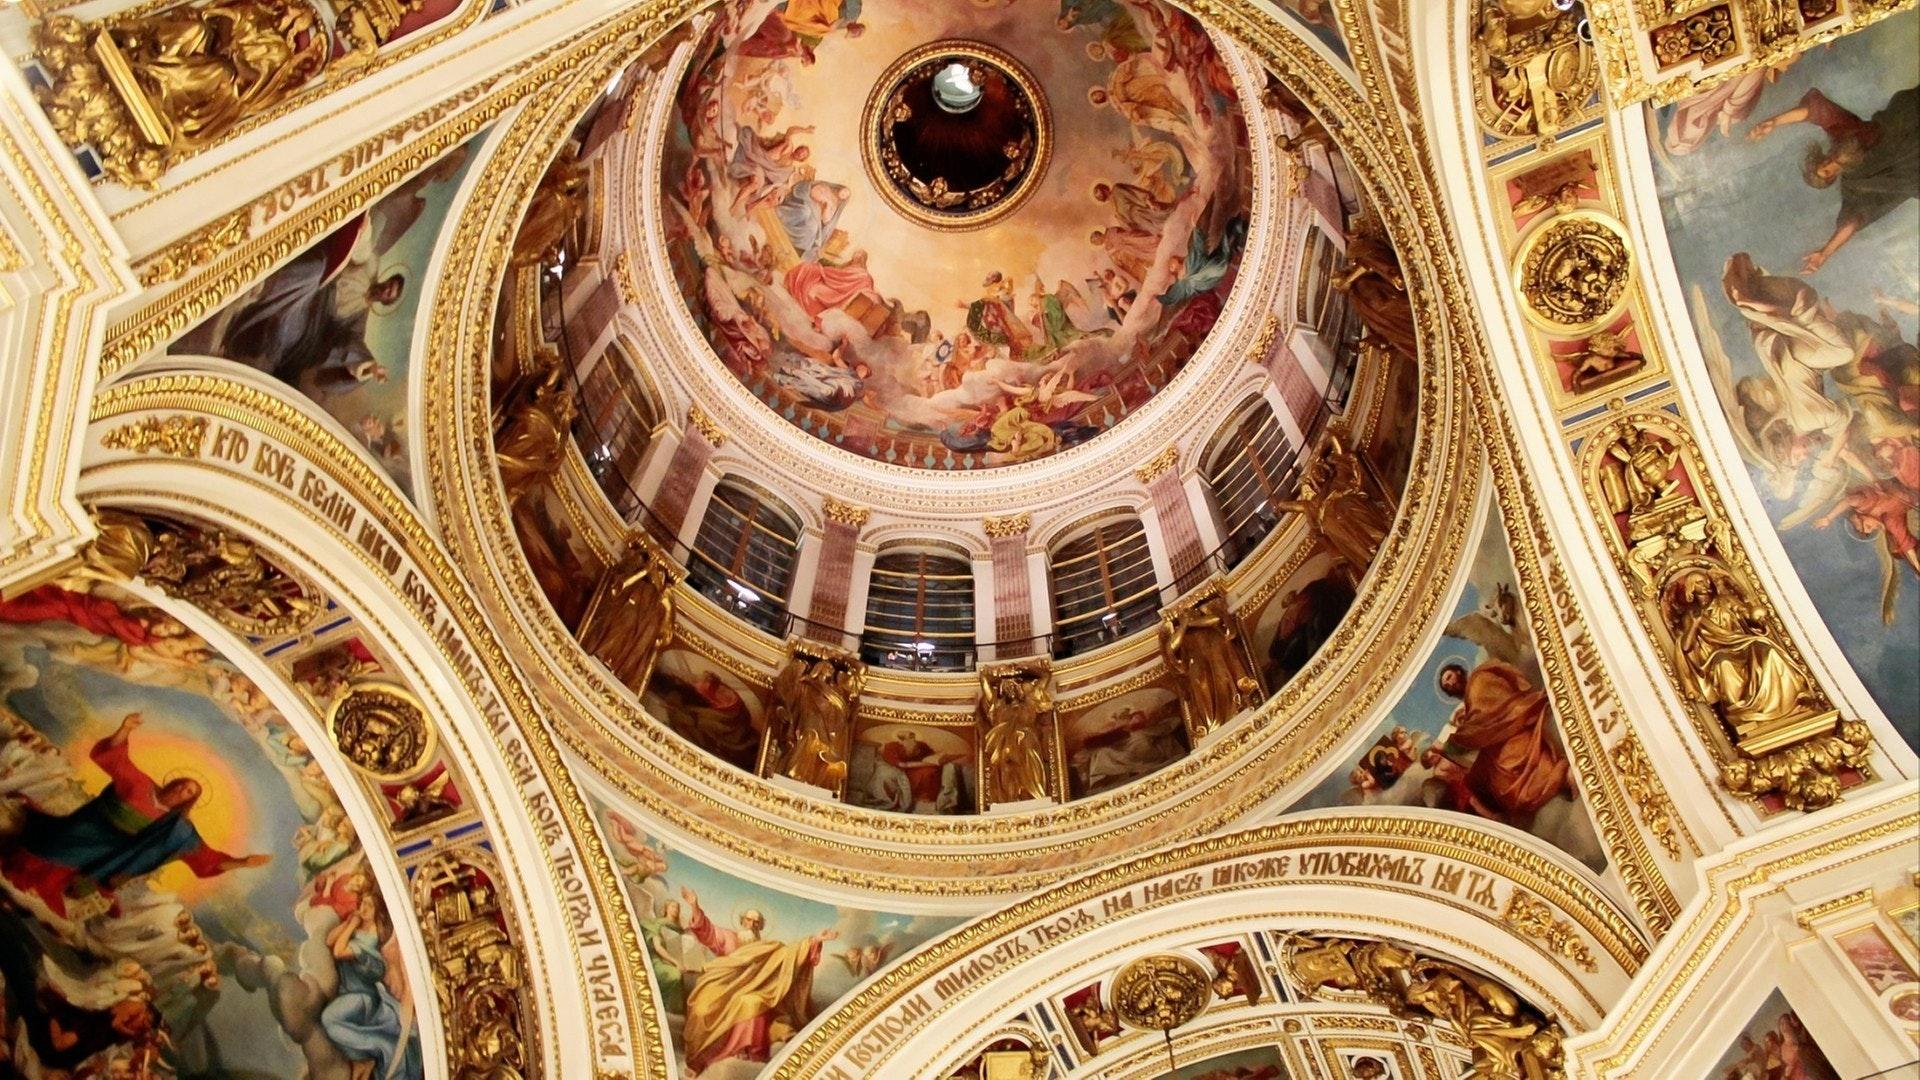 Исаакиевский собор или Исаакиевский собор, Санкт-Петербург